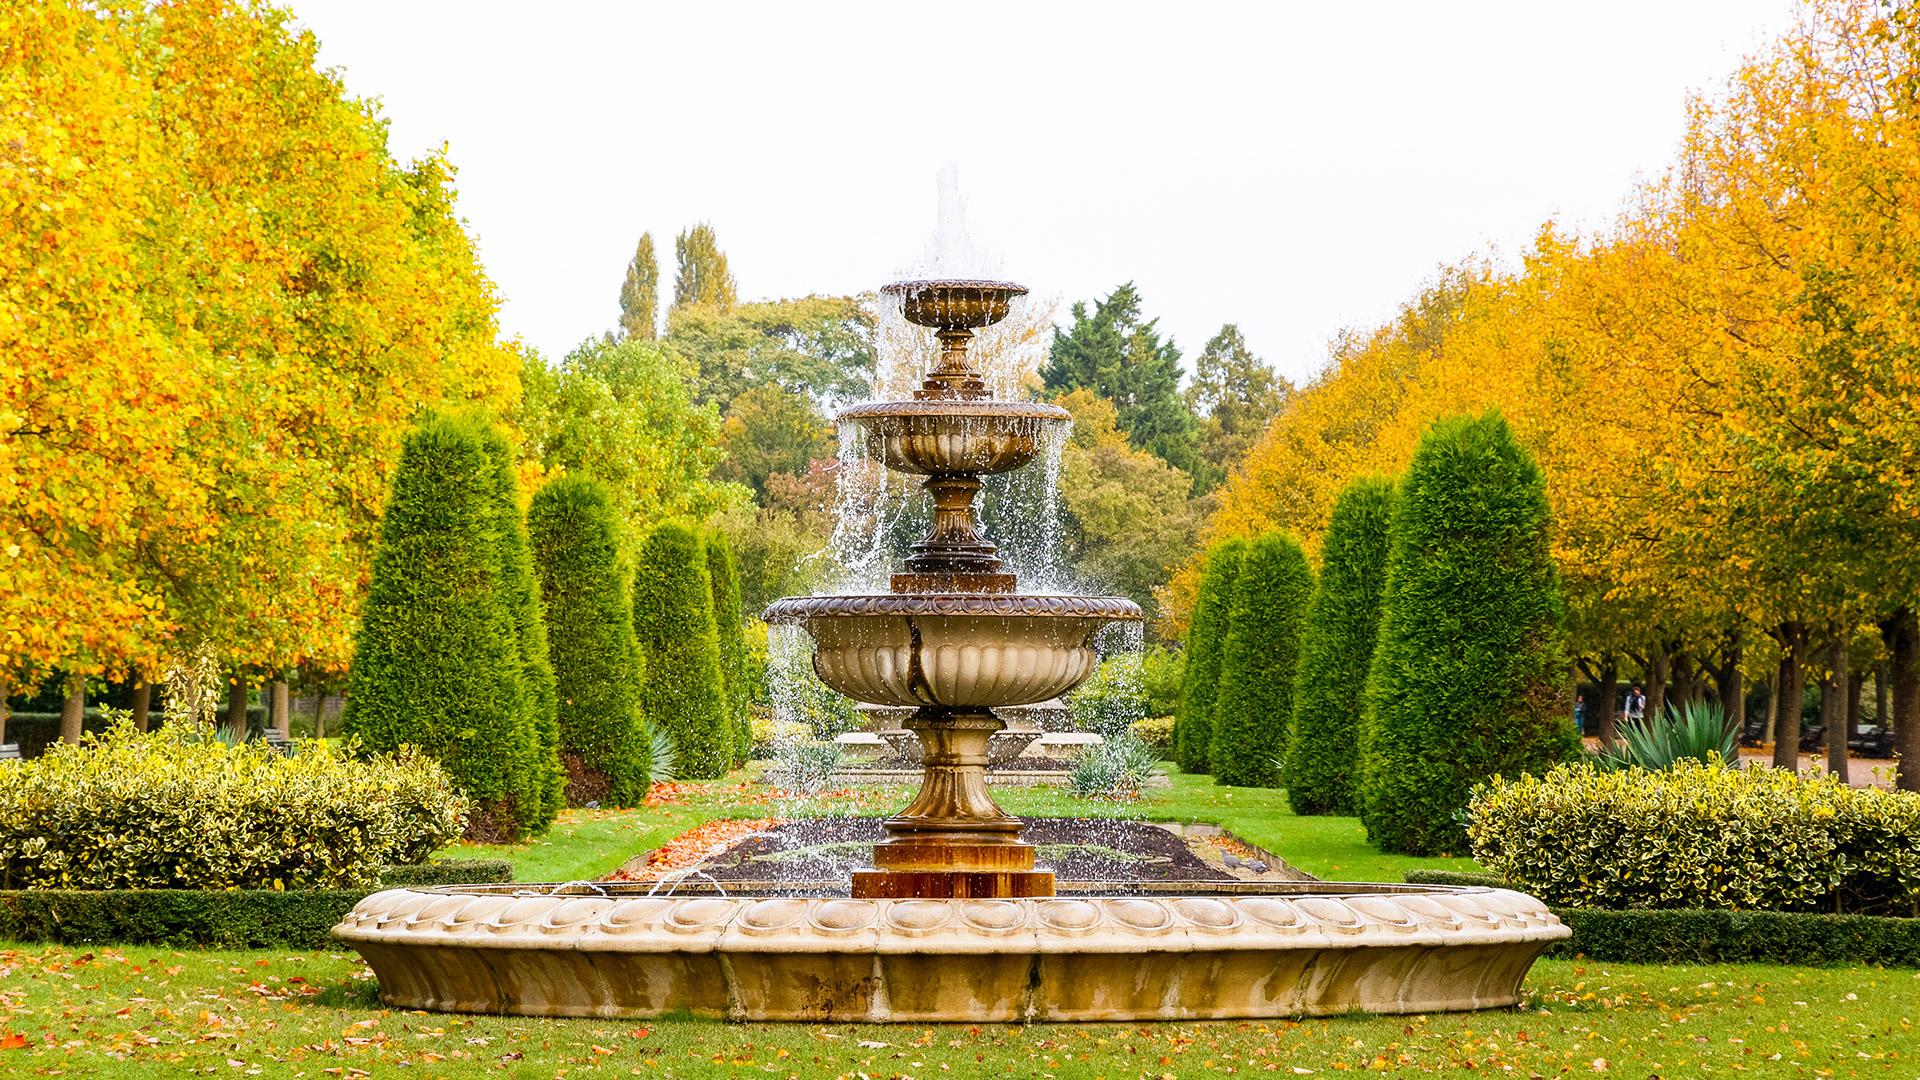 Regents Park, London